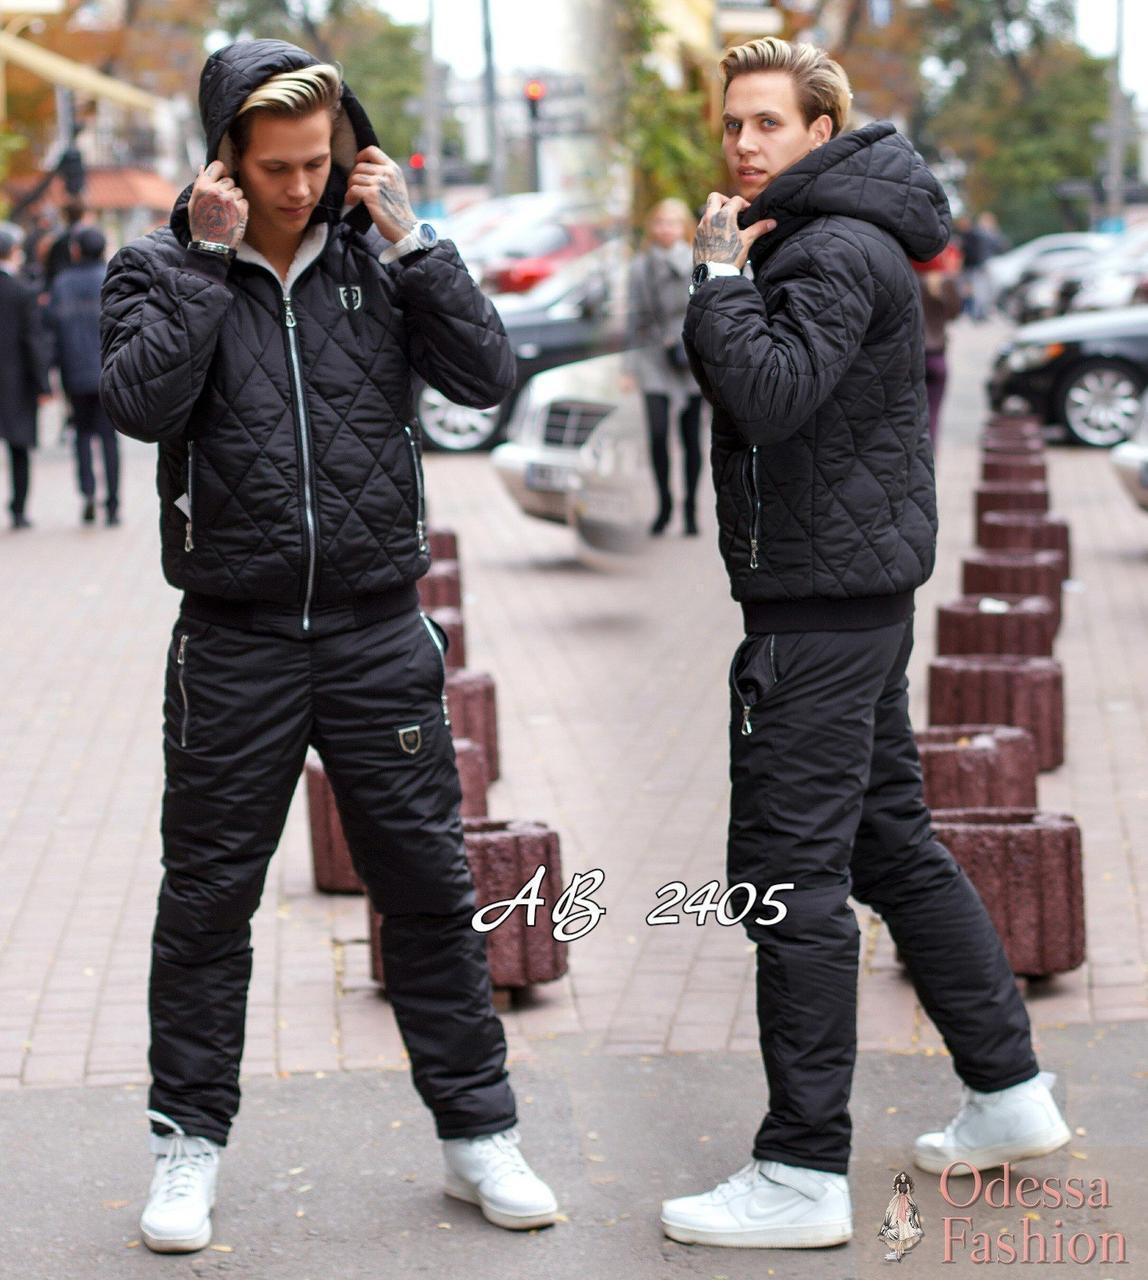 Мужской зимний стеганный прогулочный костюм на синтепоне: куртка на овчине и штаны, батал большие размеры